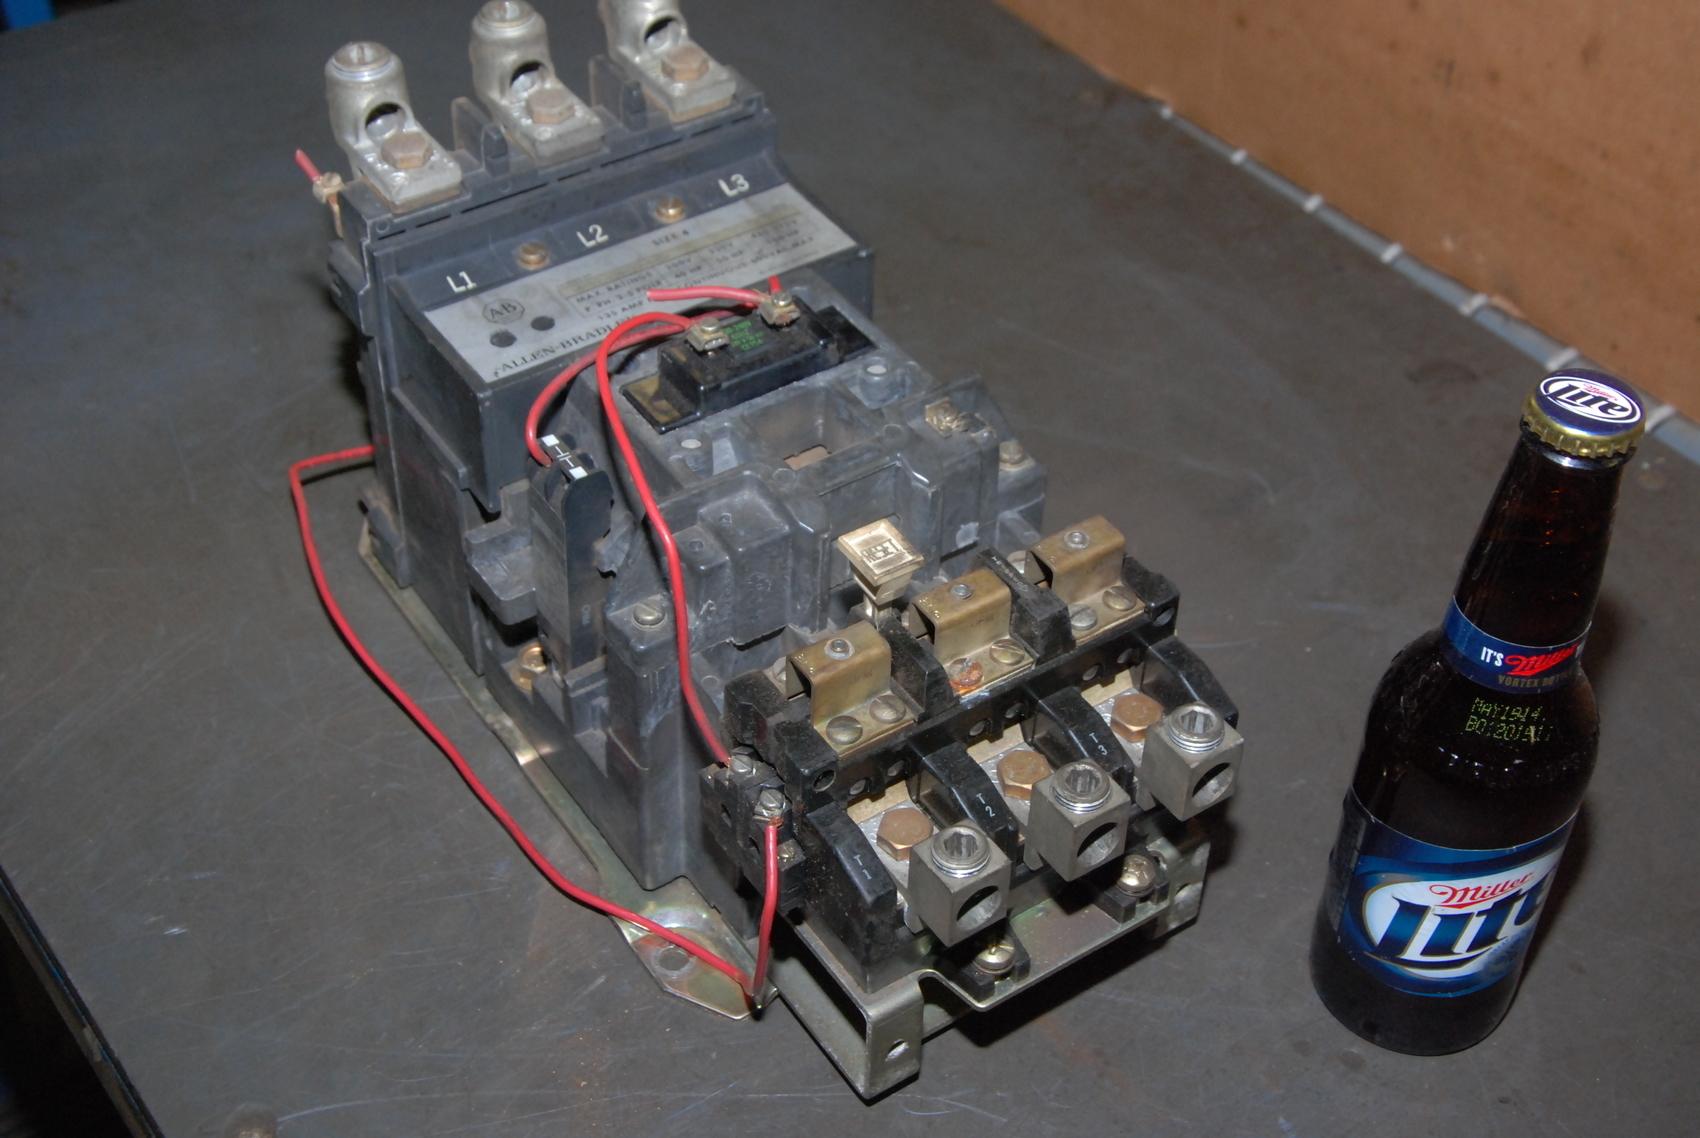 Allen Bradley Size 4 Starter;up to 100HP;220/230-240VAC coil.